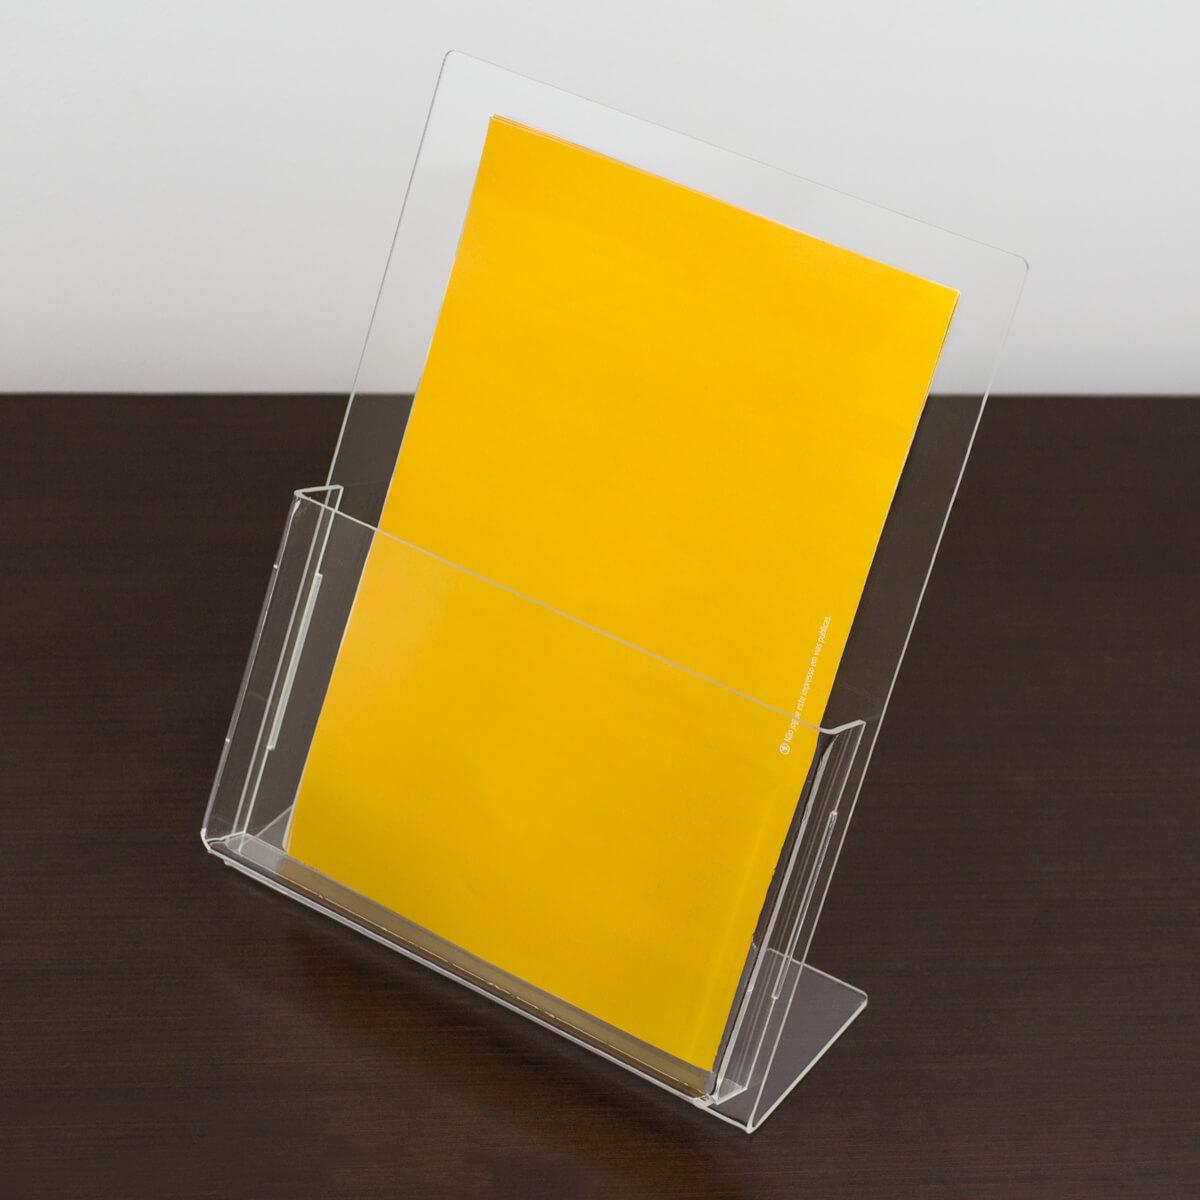 Porta folder A5 vertical de acrílico